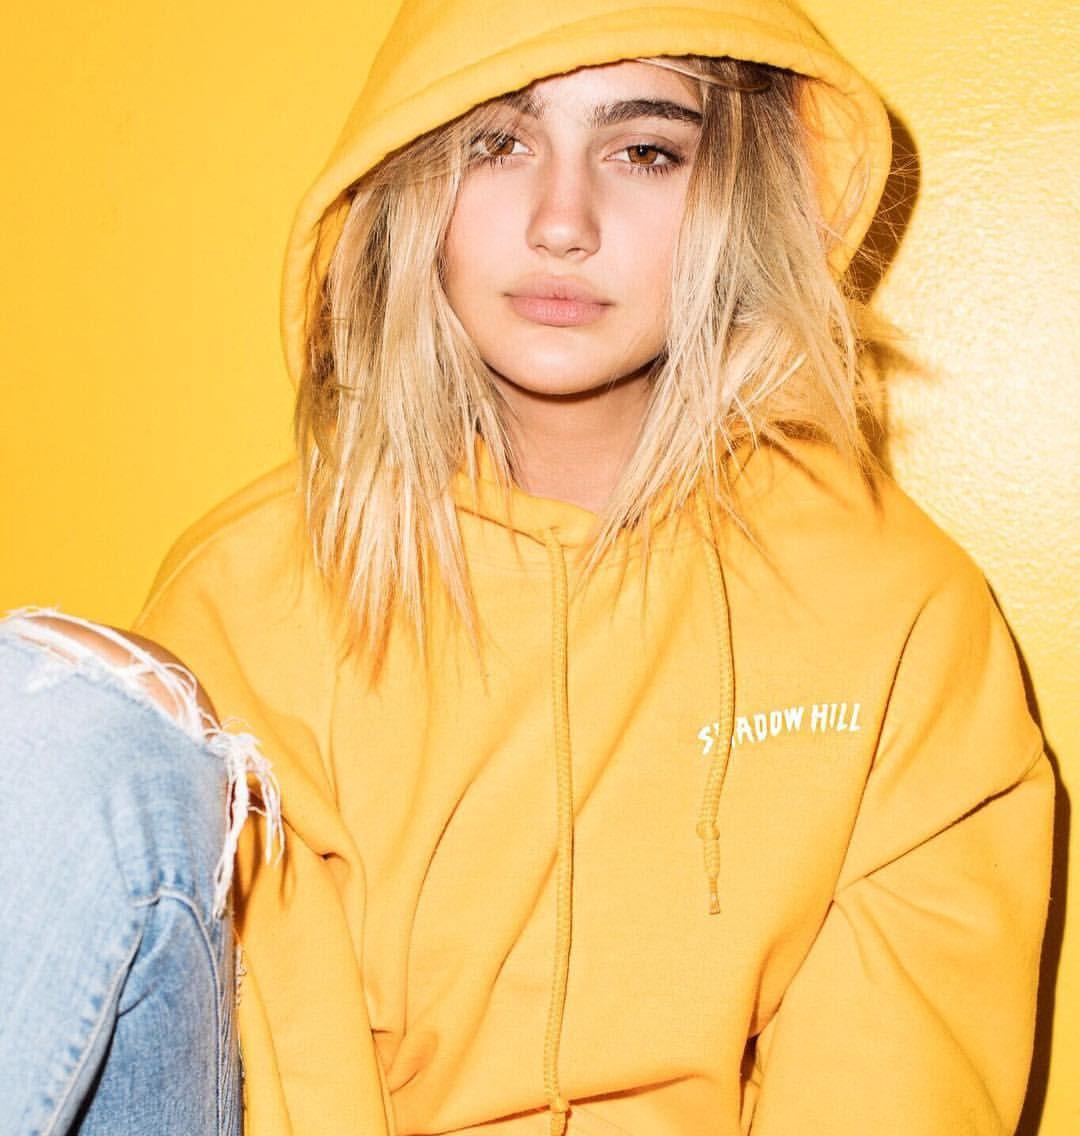 Broken dreams club sweatshirt | Sweatshirt, Ships and Cotton